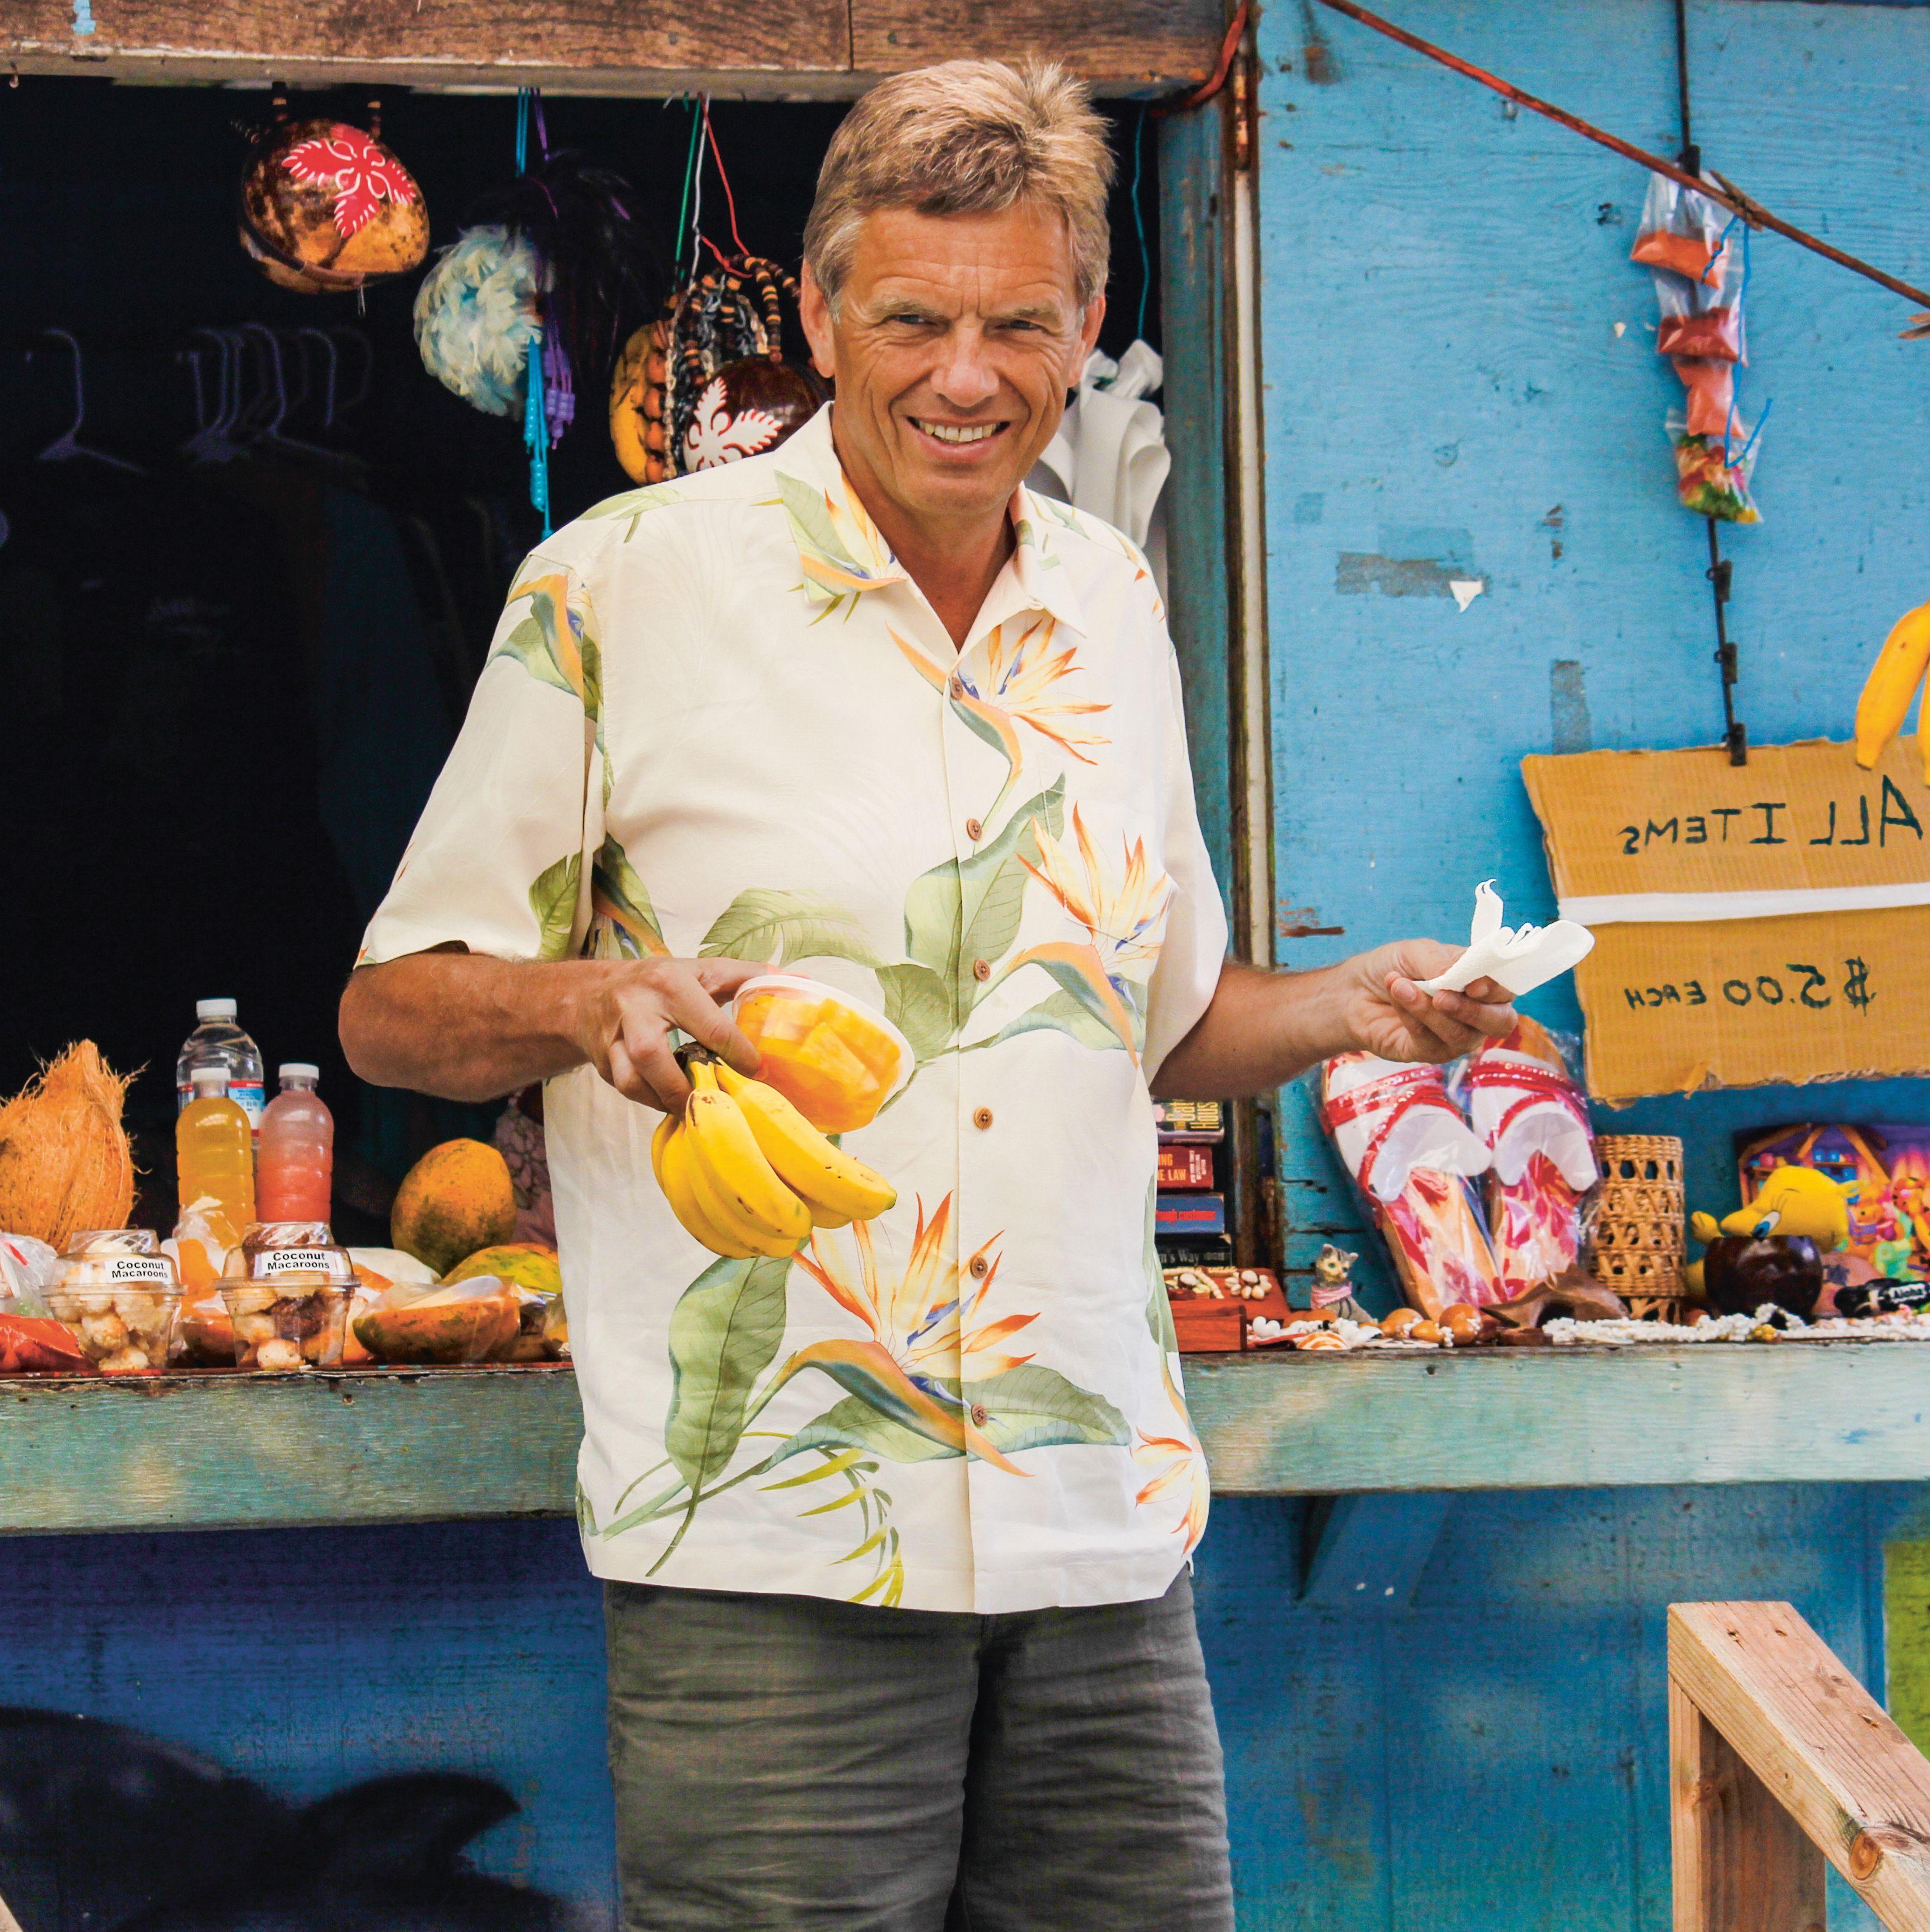 Tilo vor einem Stand mit Bananen